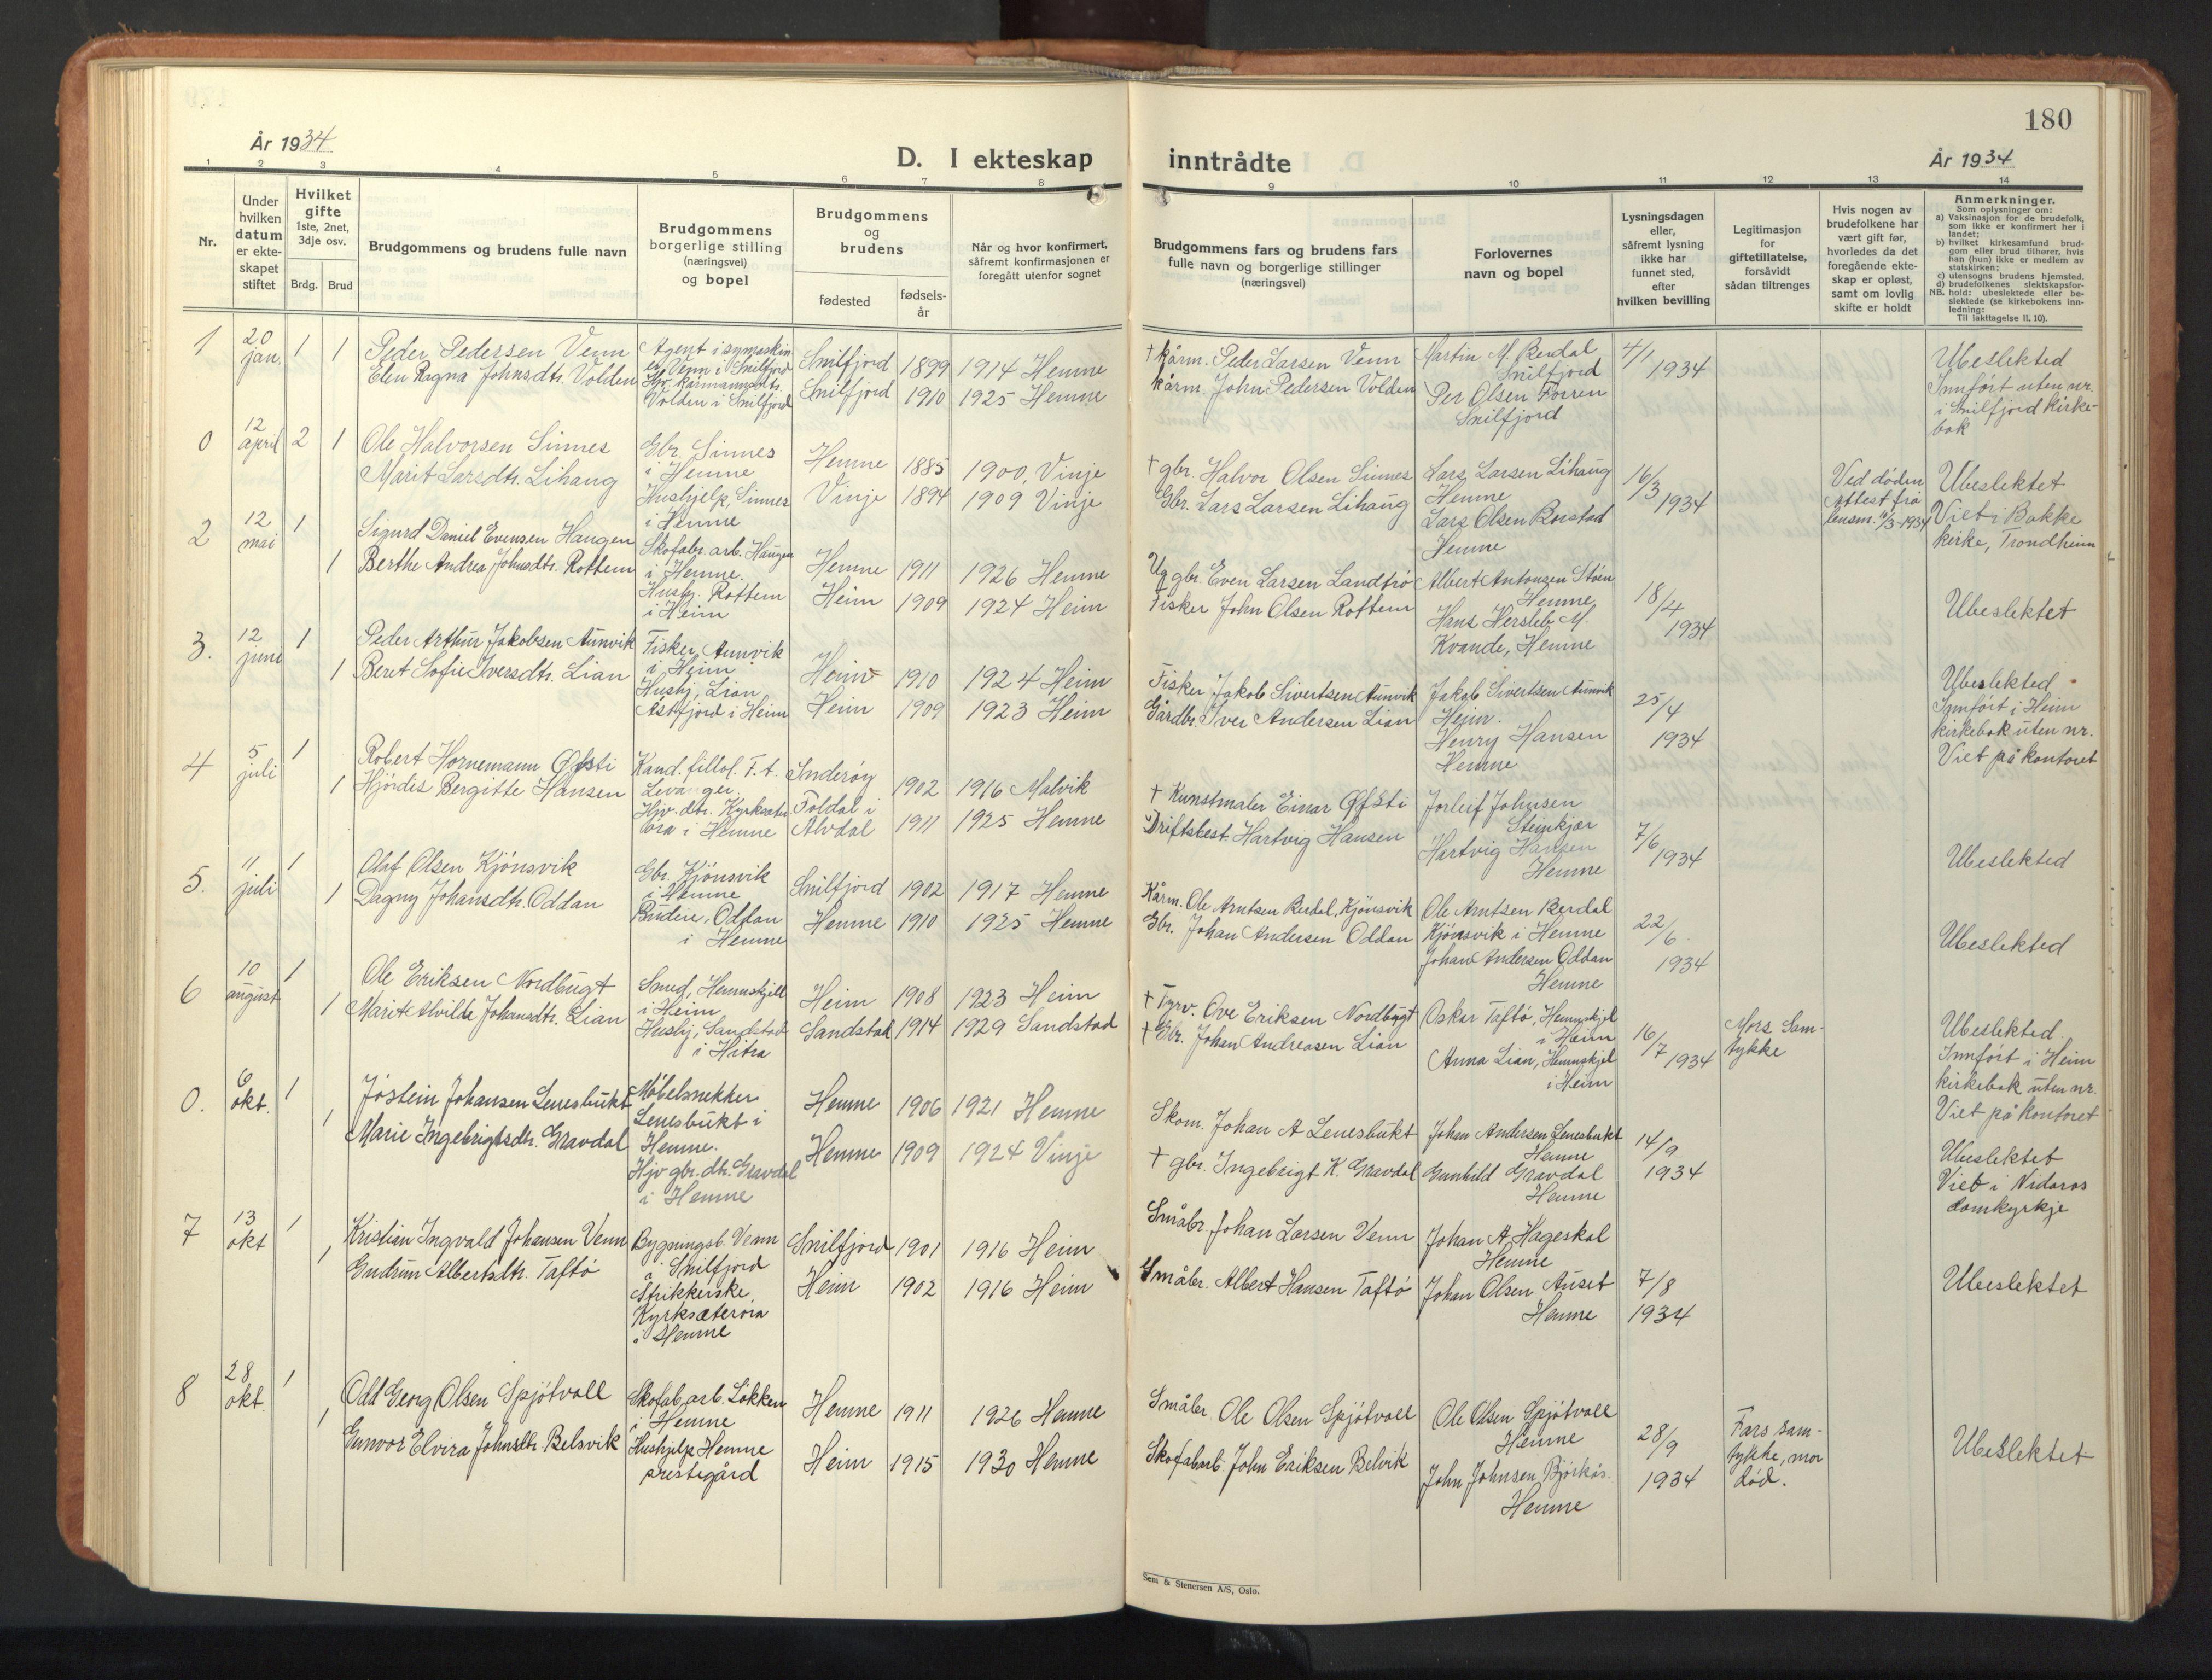 SAT, Ministerialprotokoller, klokkerbøker og fødselsregistre - Sør-Trøndelag, 630/L0508: Klokkerbok nr. 630C06, 1933-1950, s. 180